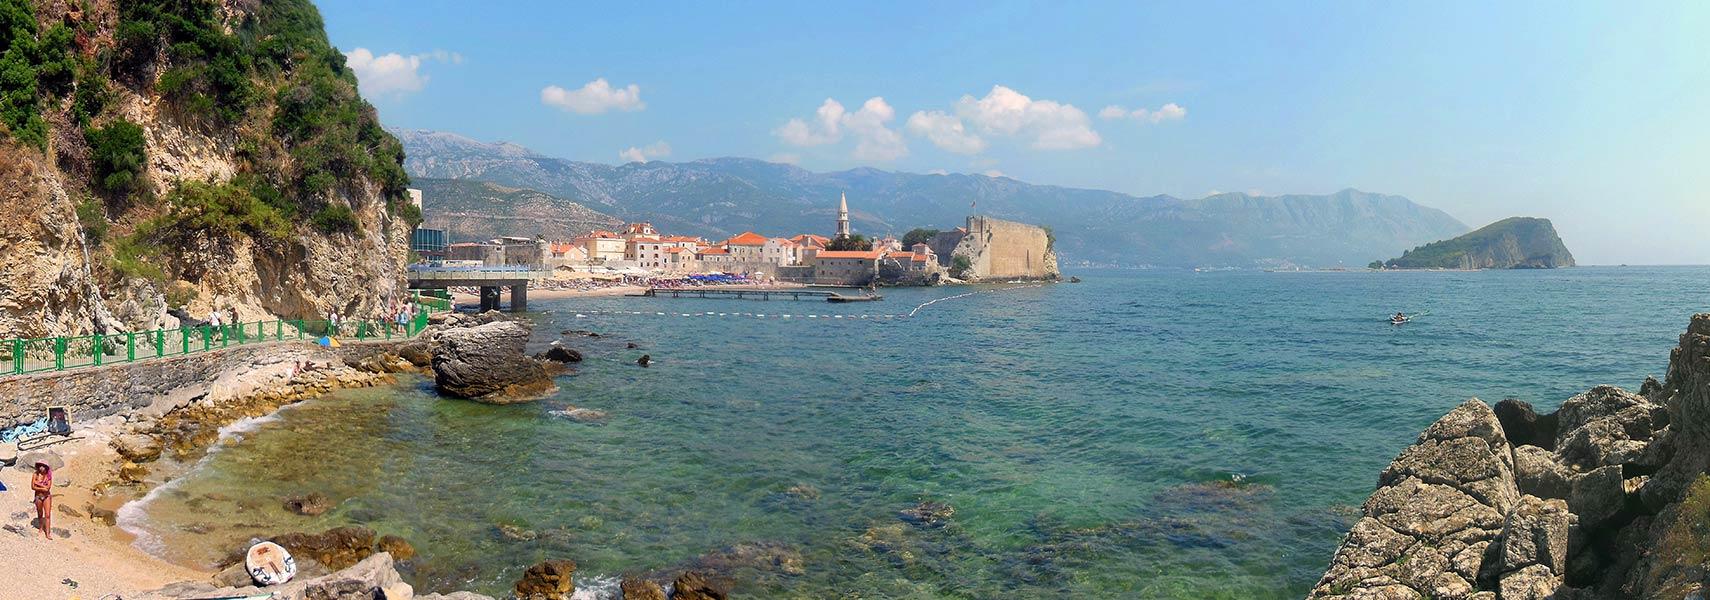 ___ Montenegro